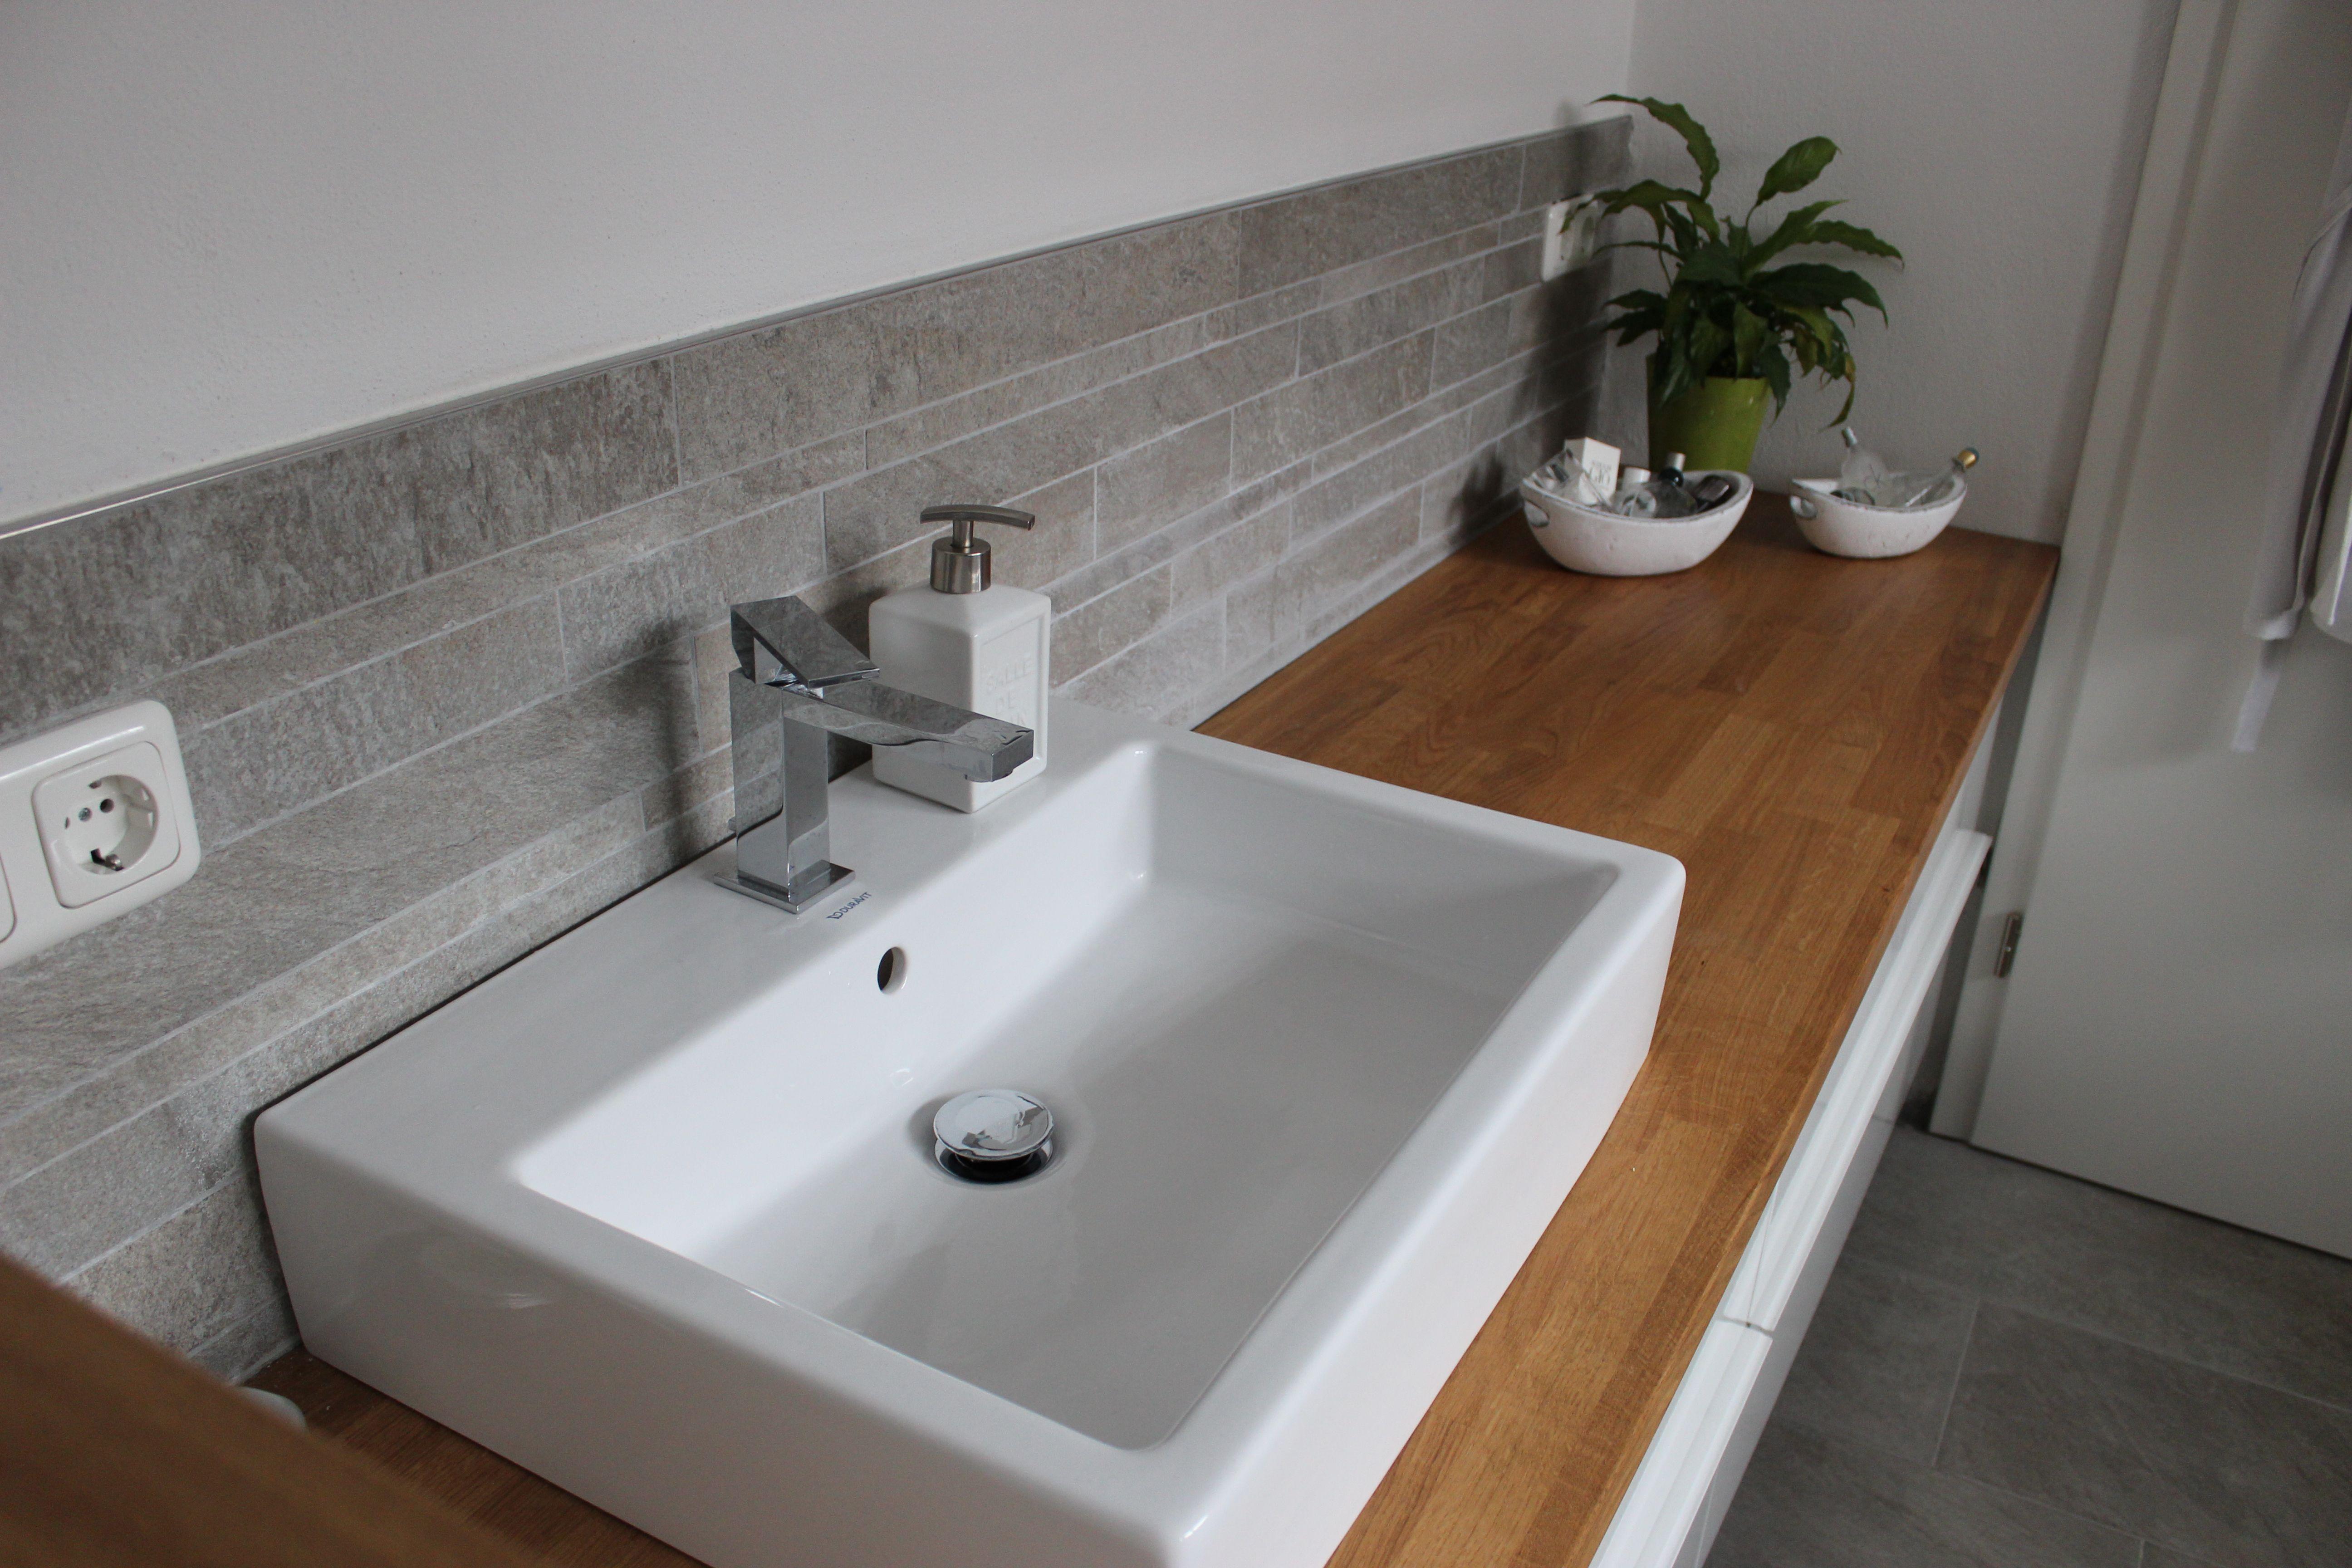 badezimmer waschtisch halbhoch mit mosaik farblich passend zum boden wurde an der wand das. Black Bedroom Furniture Sets. Home Design Ideas